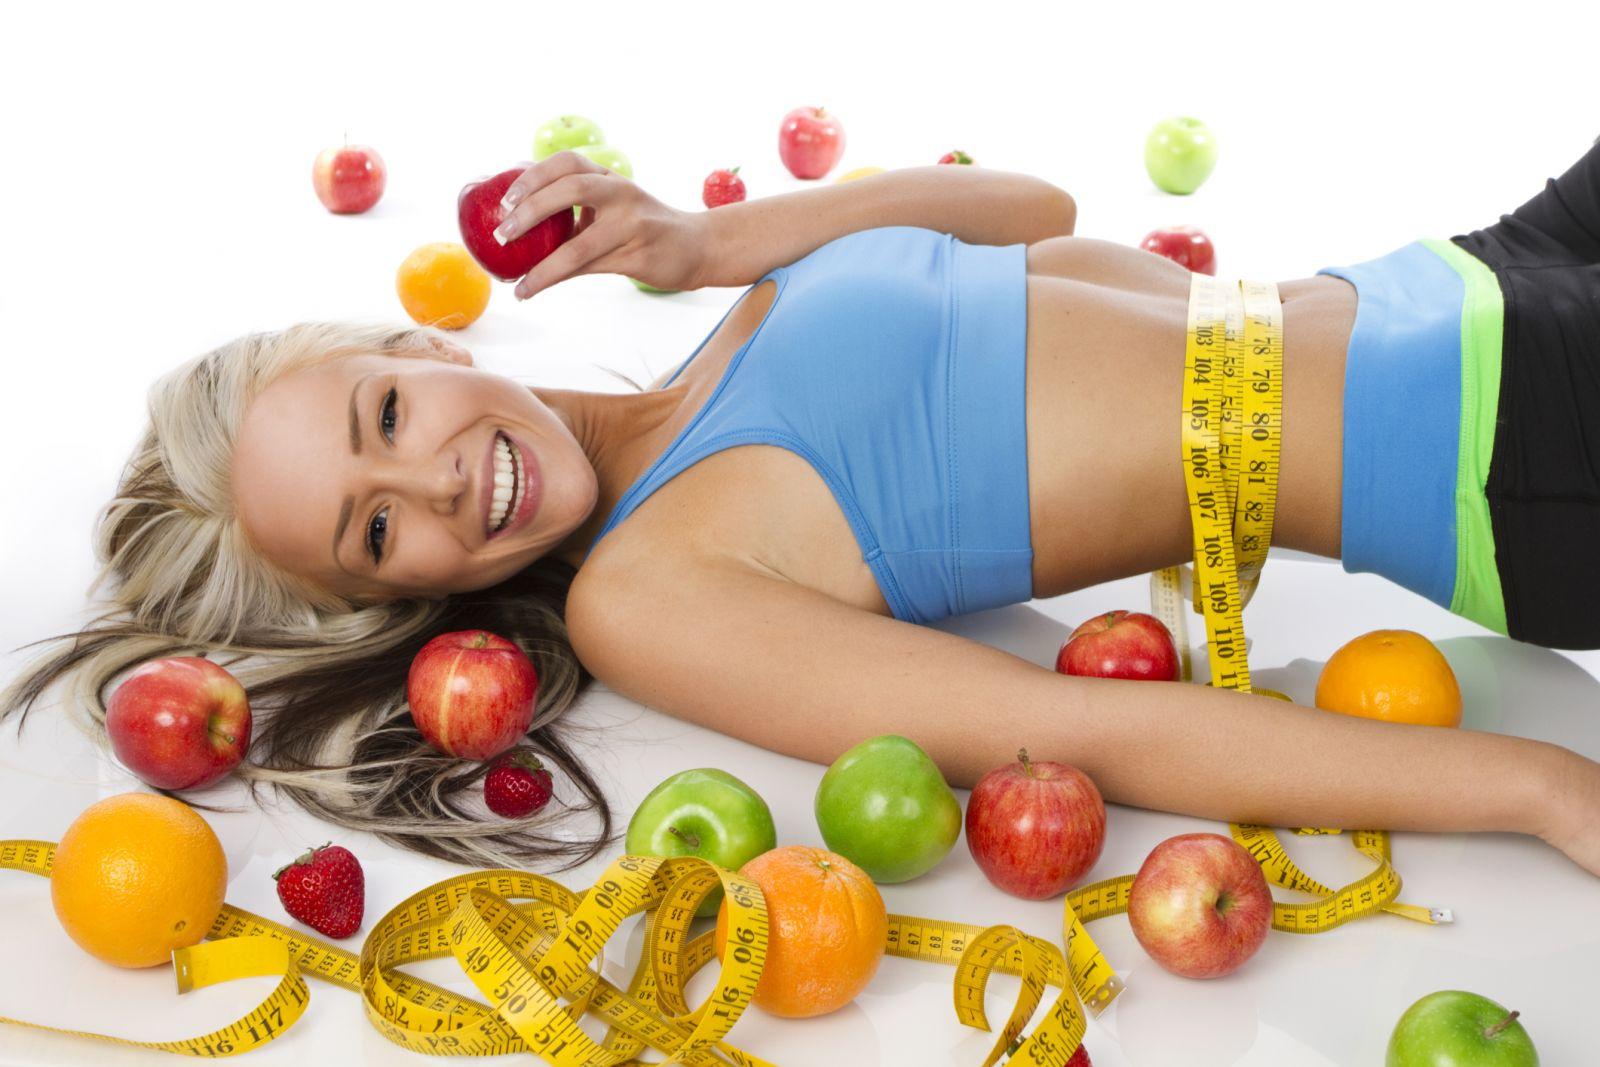 dab8b3606414 питание перед тренировкой. Читать также  Что можно съесть после тренировки